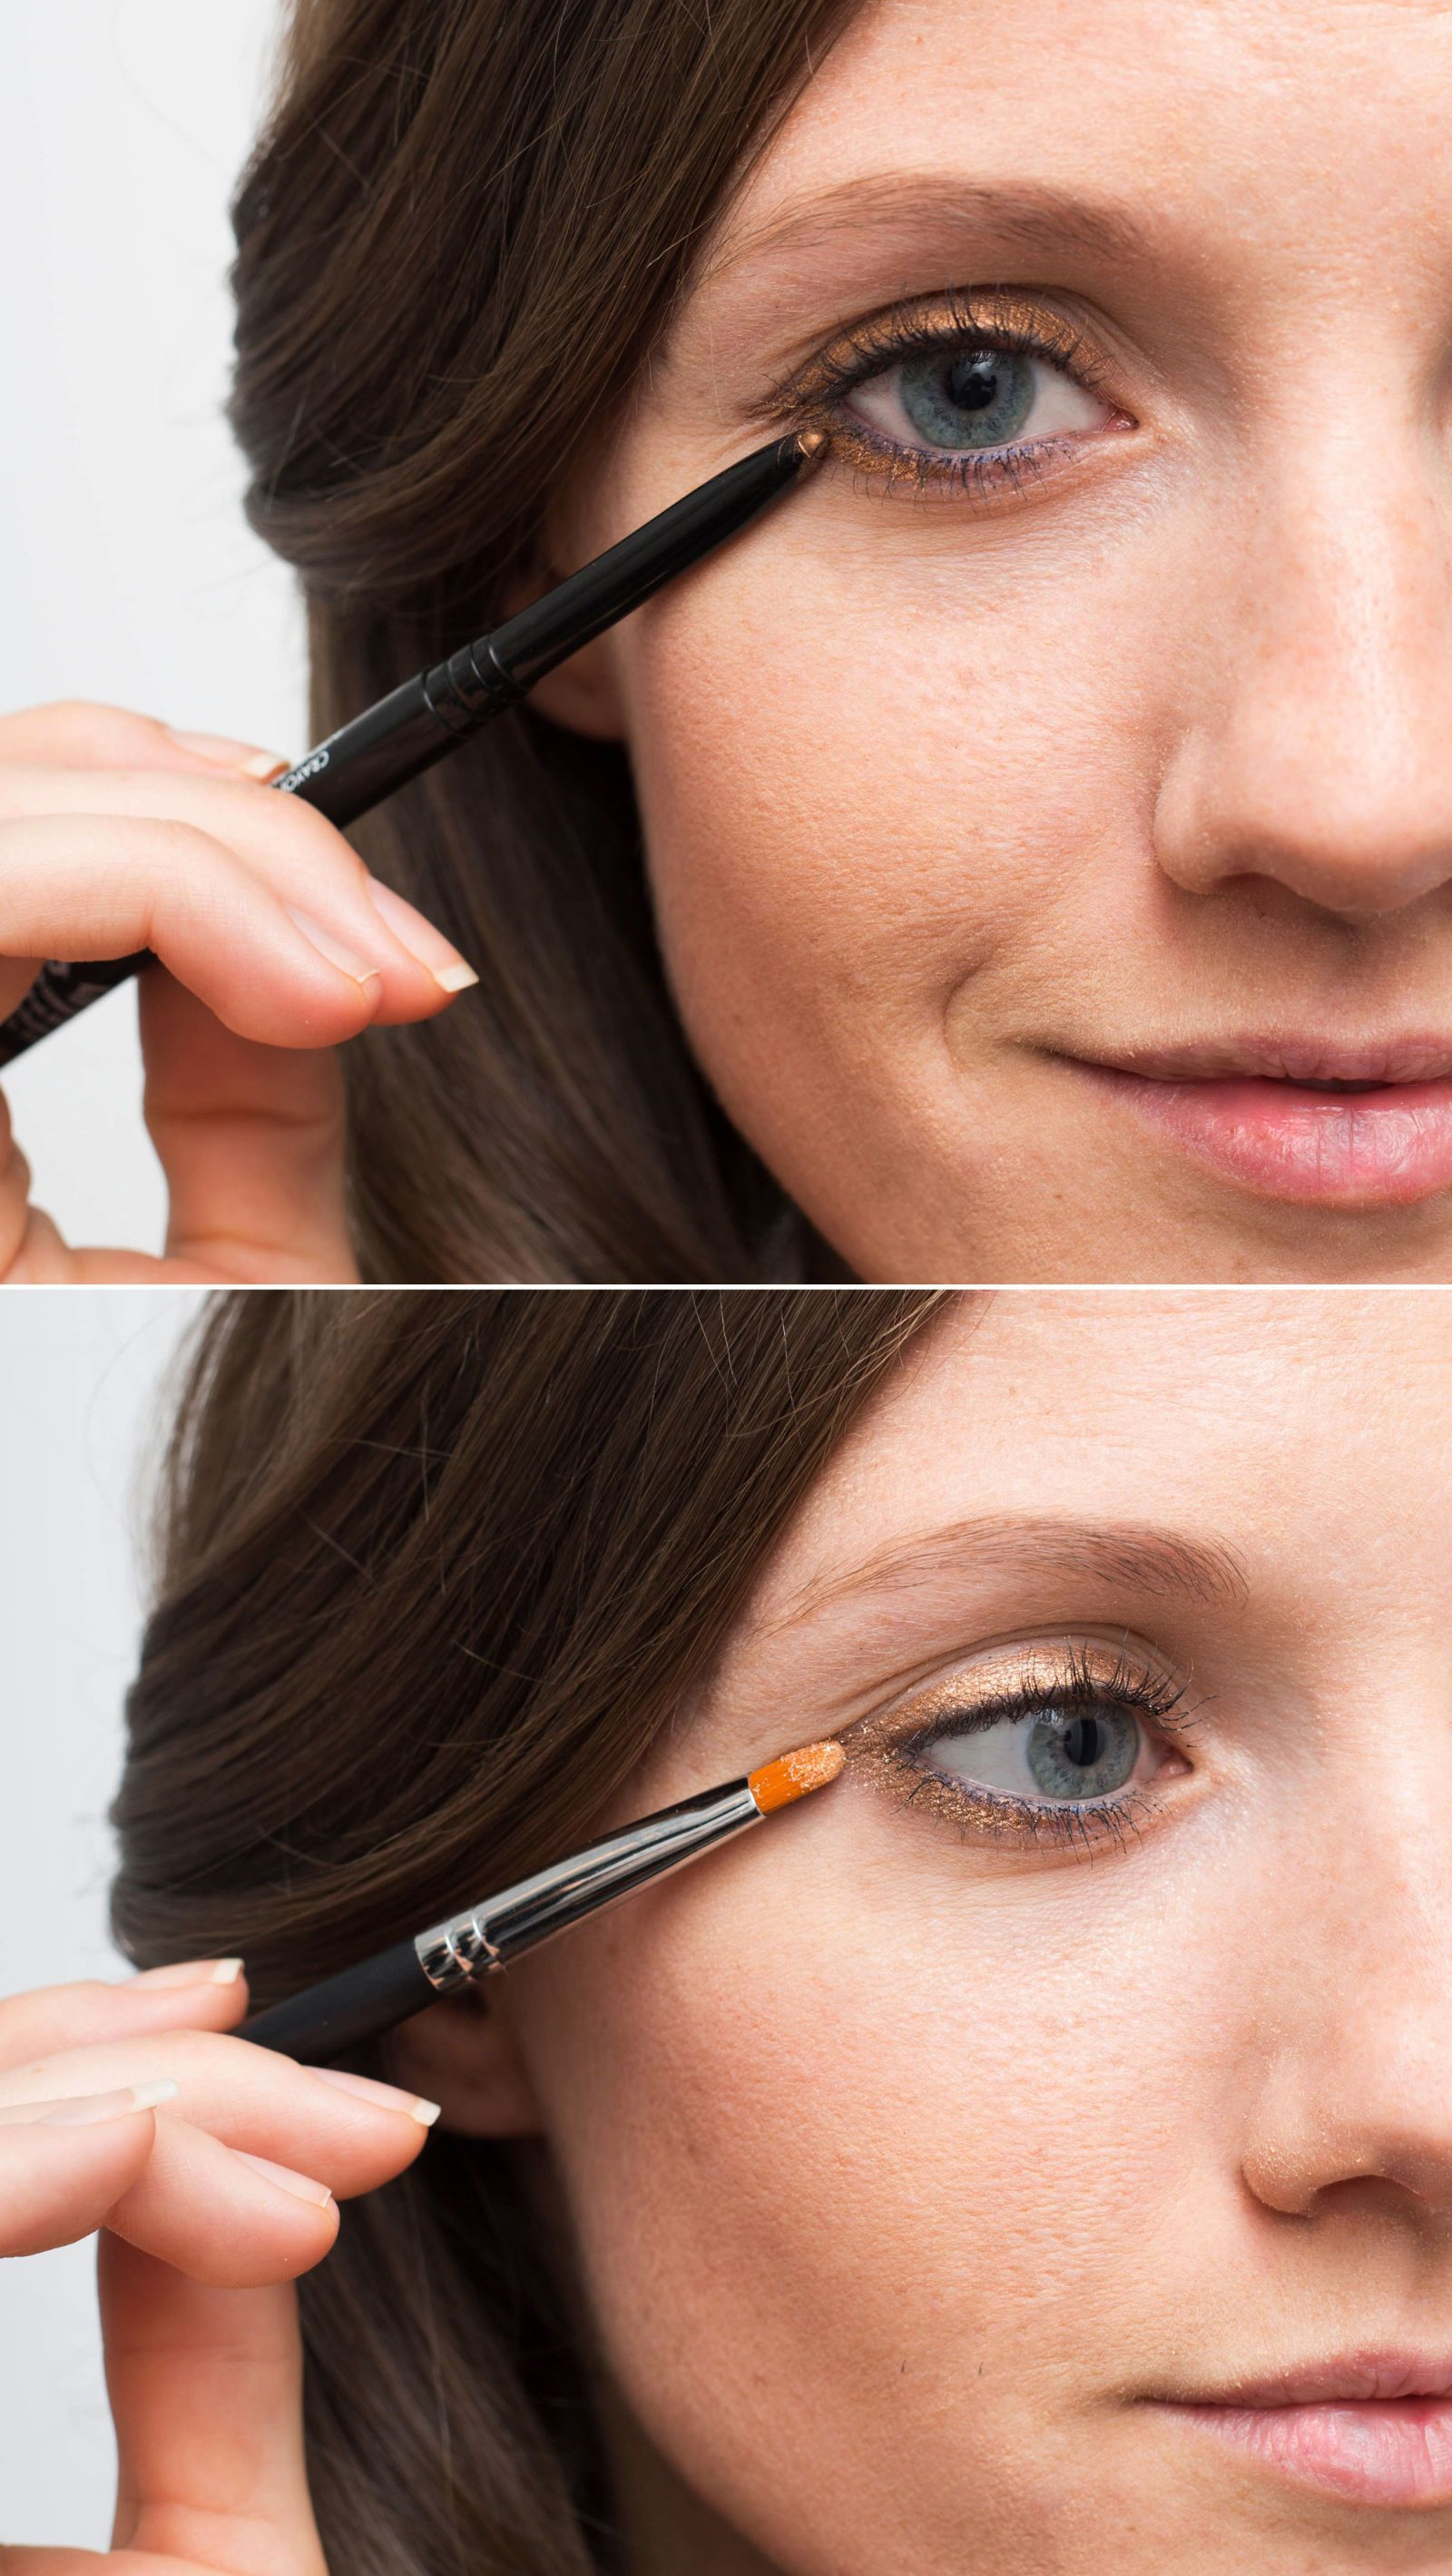 abbastanza Trucchi geniali per applicare l'eyeliner LD85